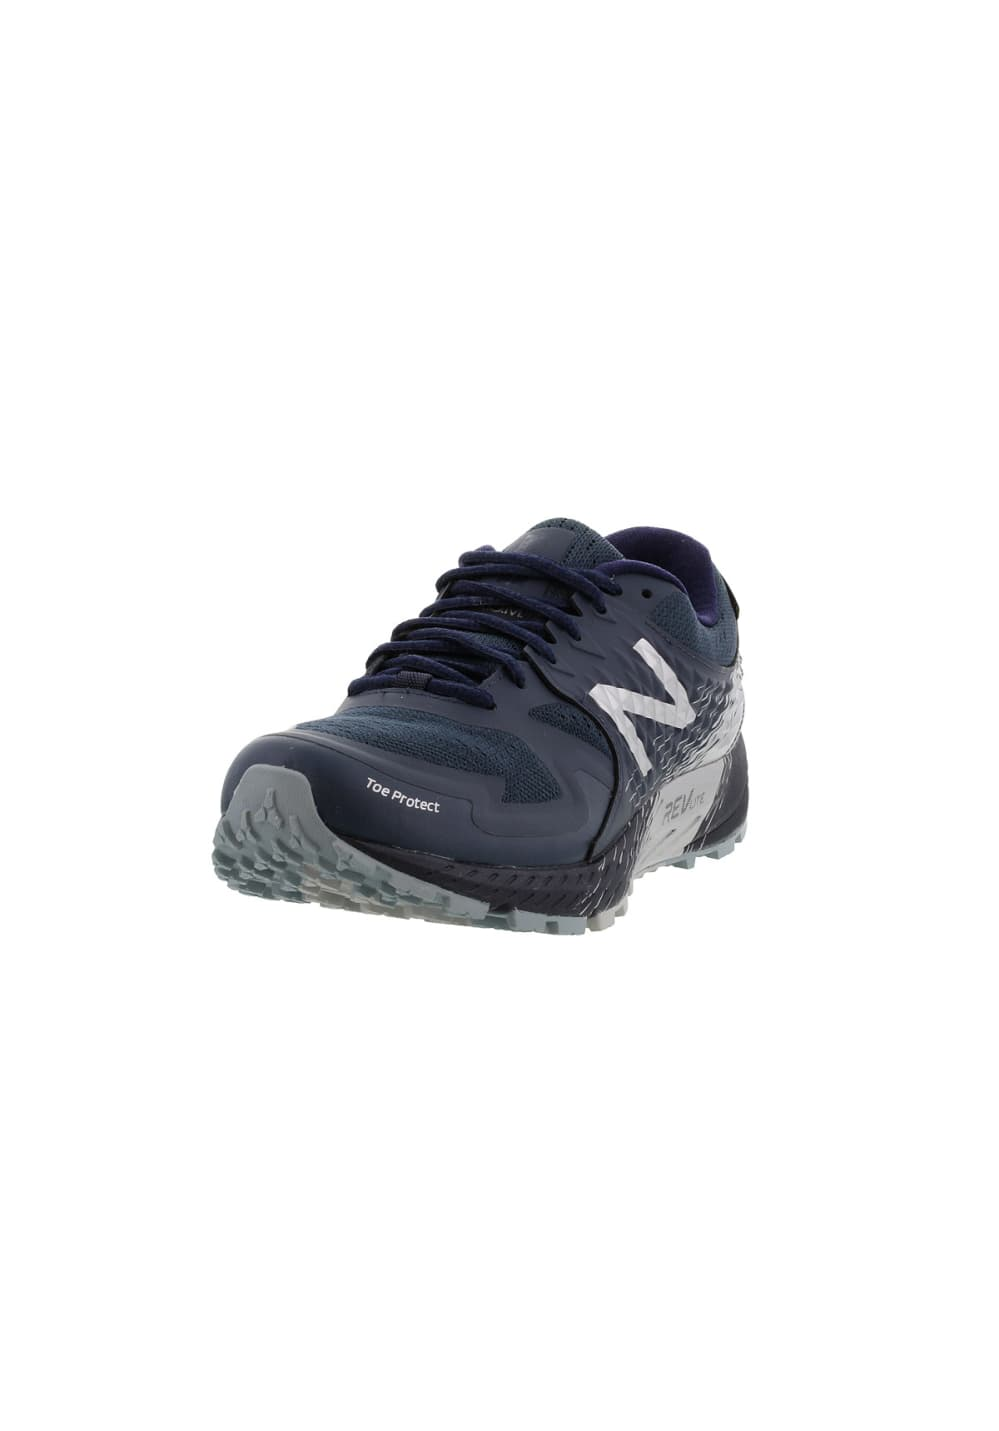 New Balance SuumitGtx Chaussures running pour Femme Bleu